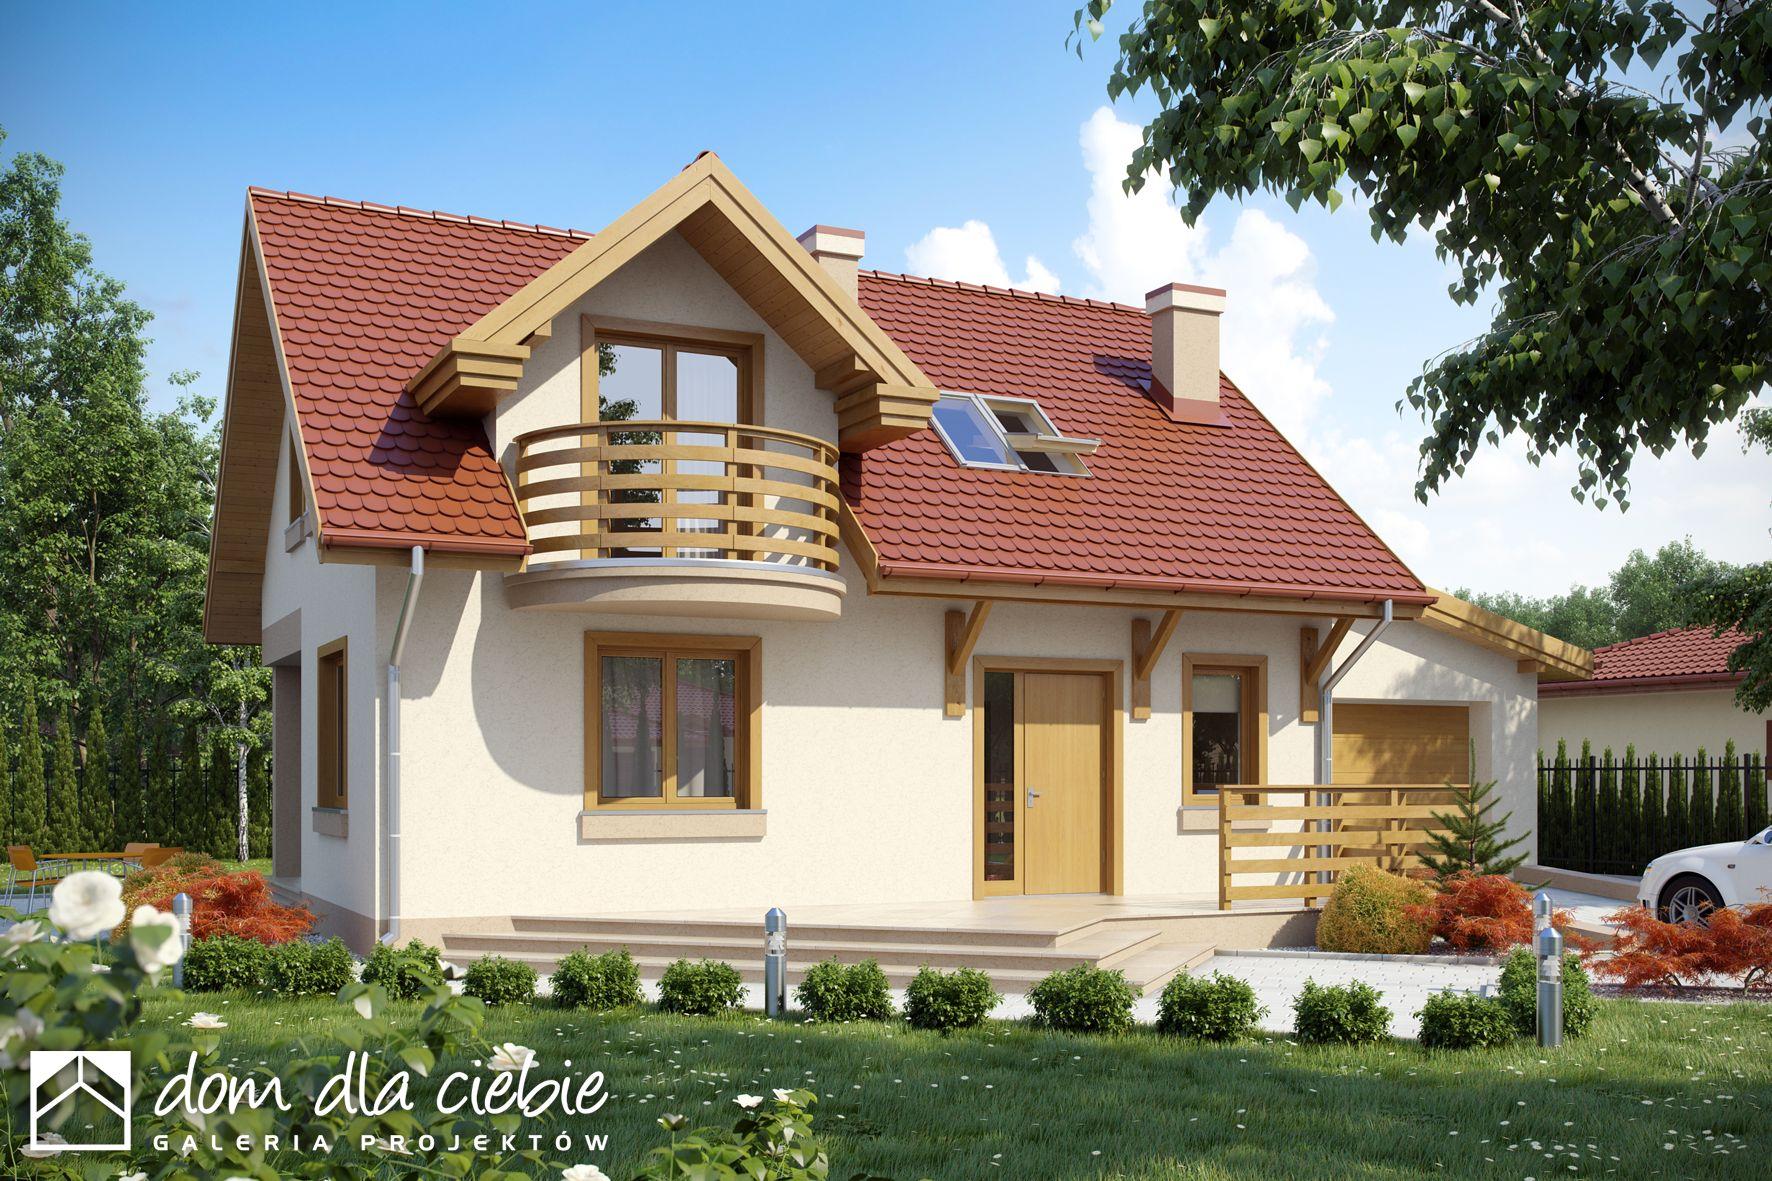 Cuanto cuesta hacer una casa de 100 metros cuadrados - Cuanto cuesta una casa ...